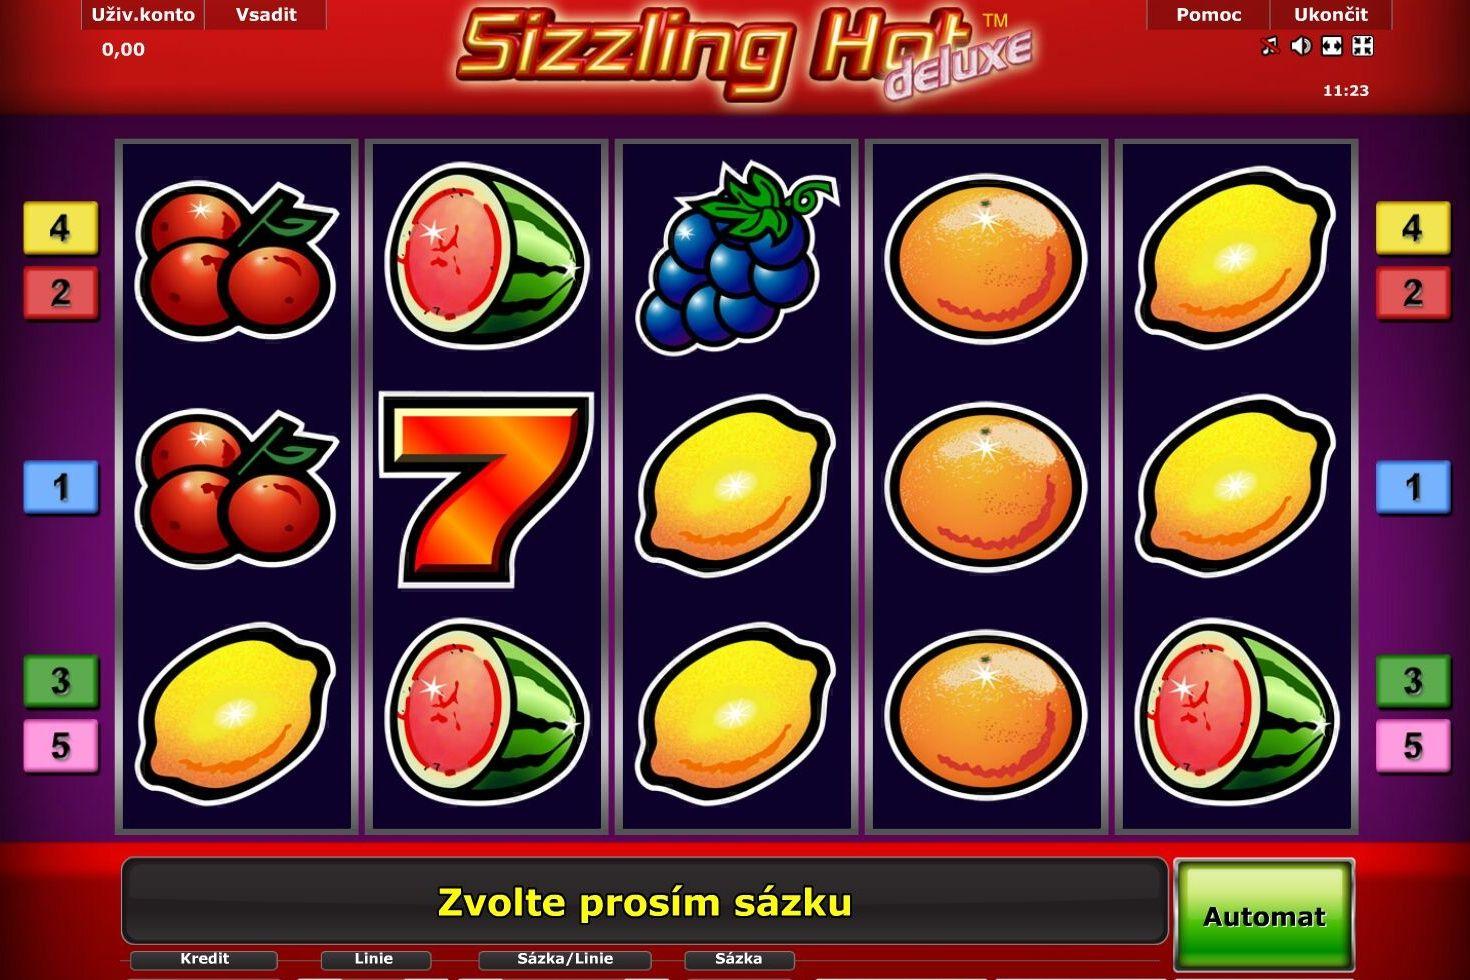 Казино рояль игровые автоматы онлайн 69 играть бесплатно в карты в дурака на двоих